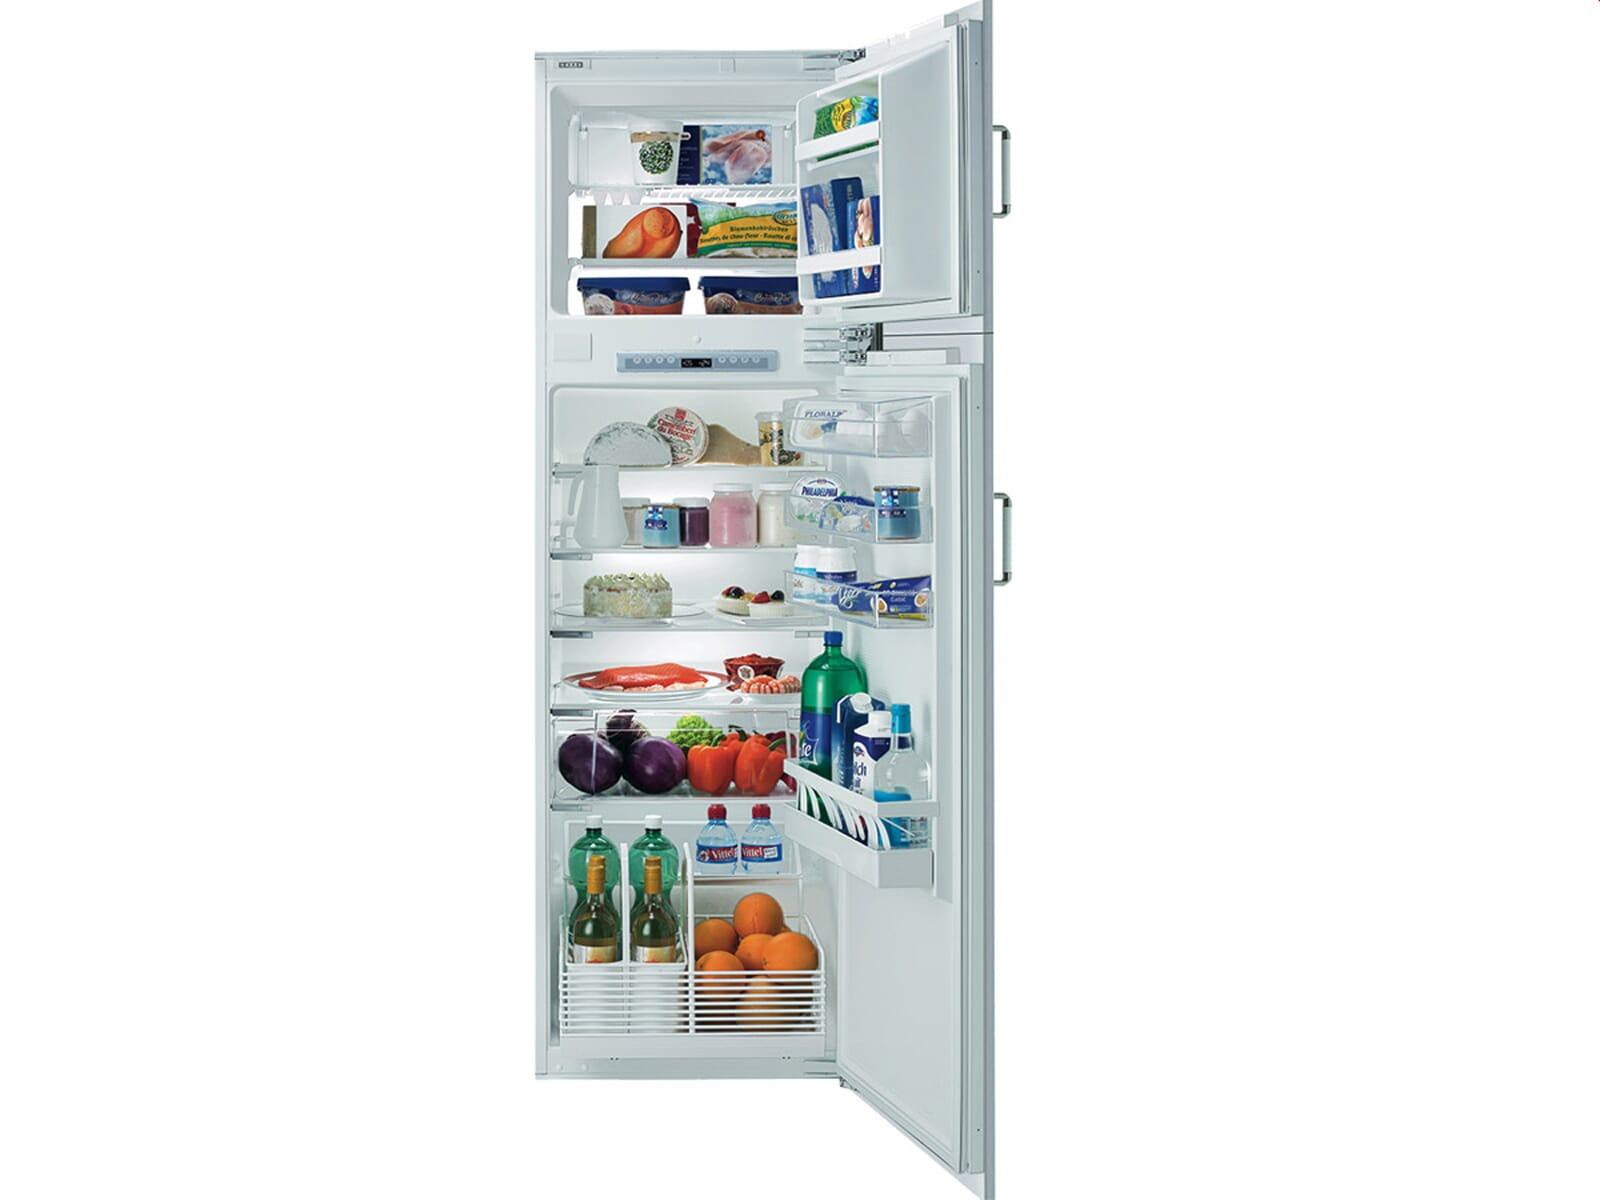 Aeg Kühlschrank Handbuch : V zug noblesse kühlschrank bedienungsanleitung britton jennifer